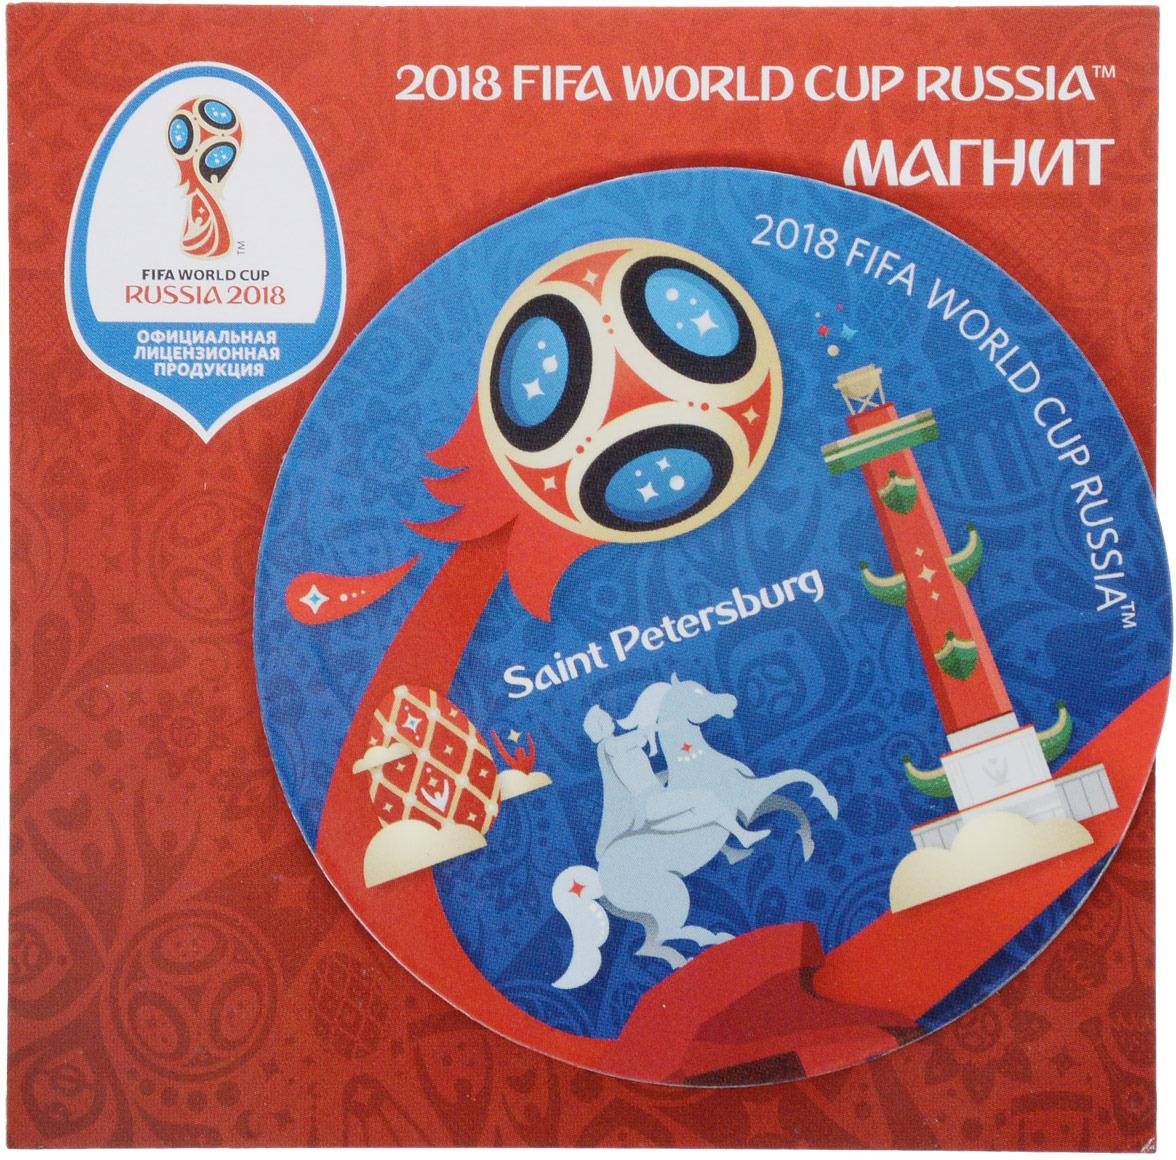 Магнит сувенирный FIFA 2018 Санкт-Петербург, диаметр 6 см